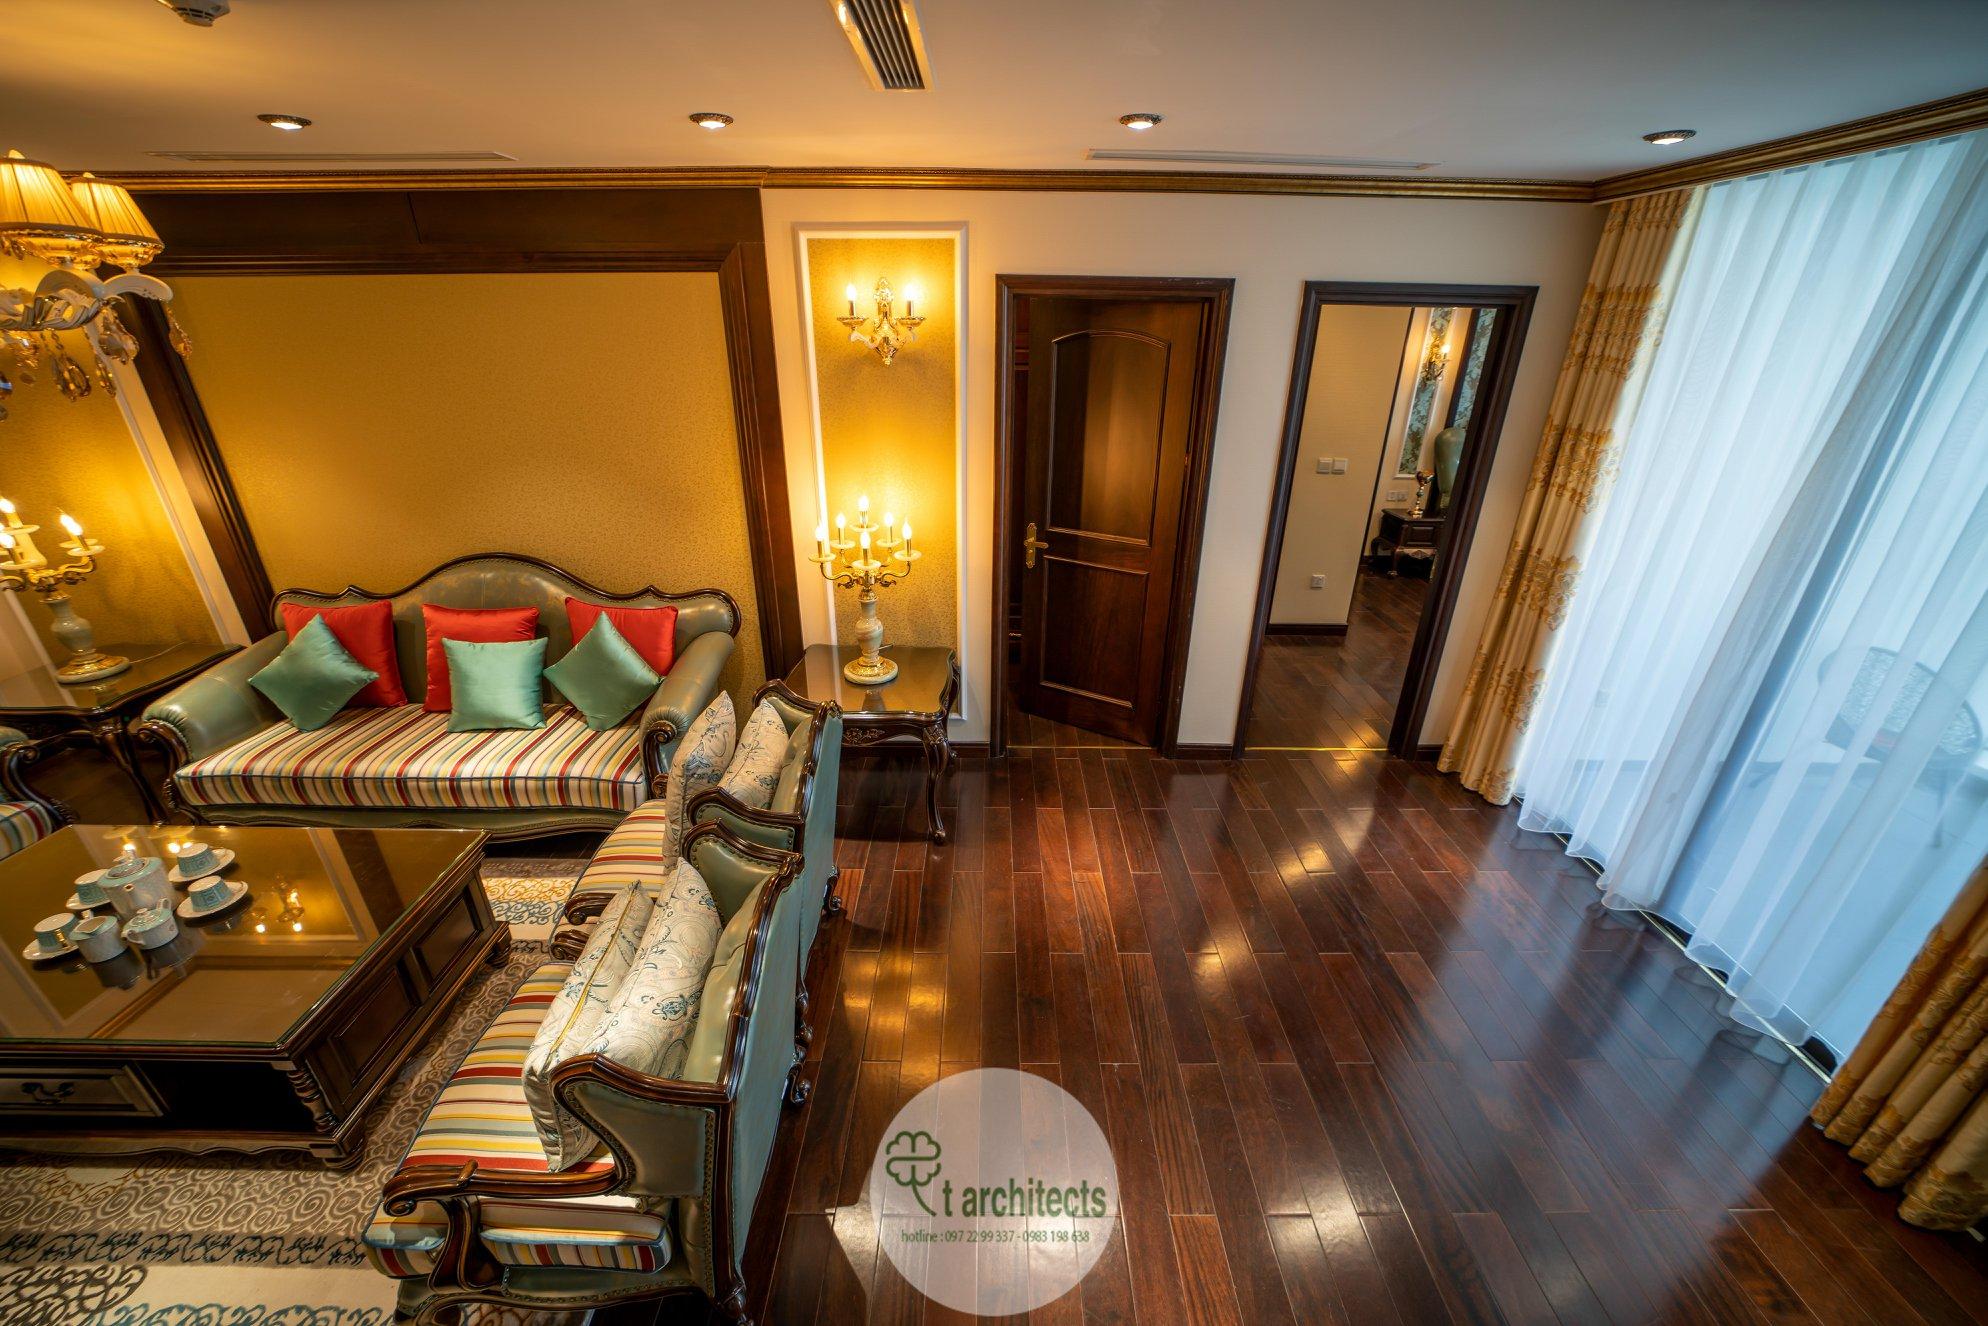 Thiết kế nội thất Chung Cư tại Hà Nội Thiết kế 6 căn hộ mẫu chung cư HC GOLDEN CITY 1589766599 14